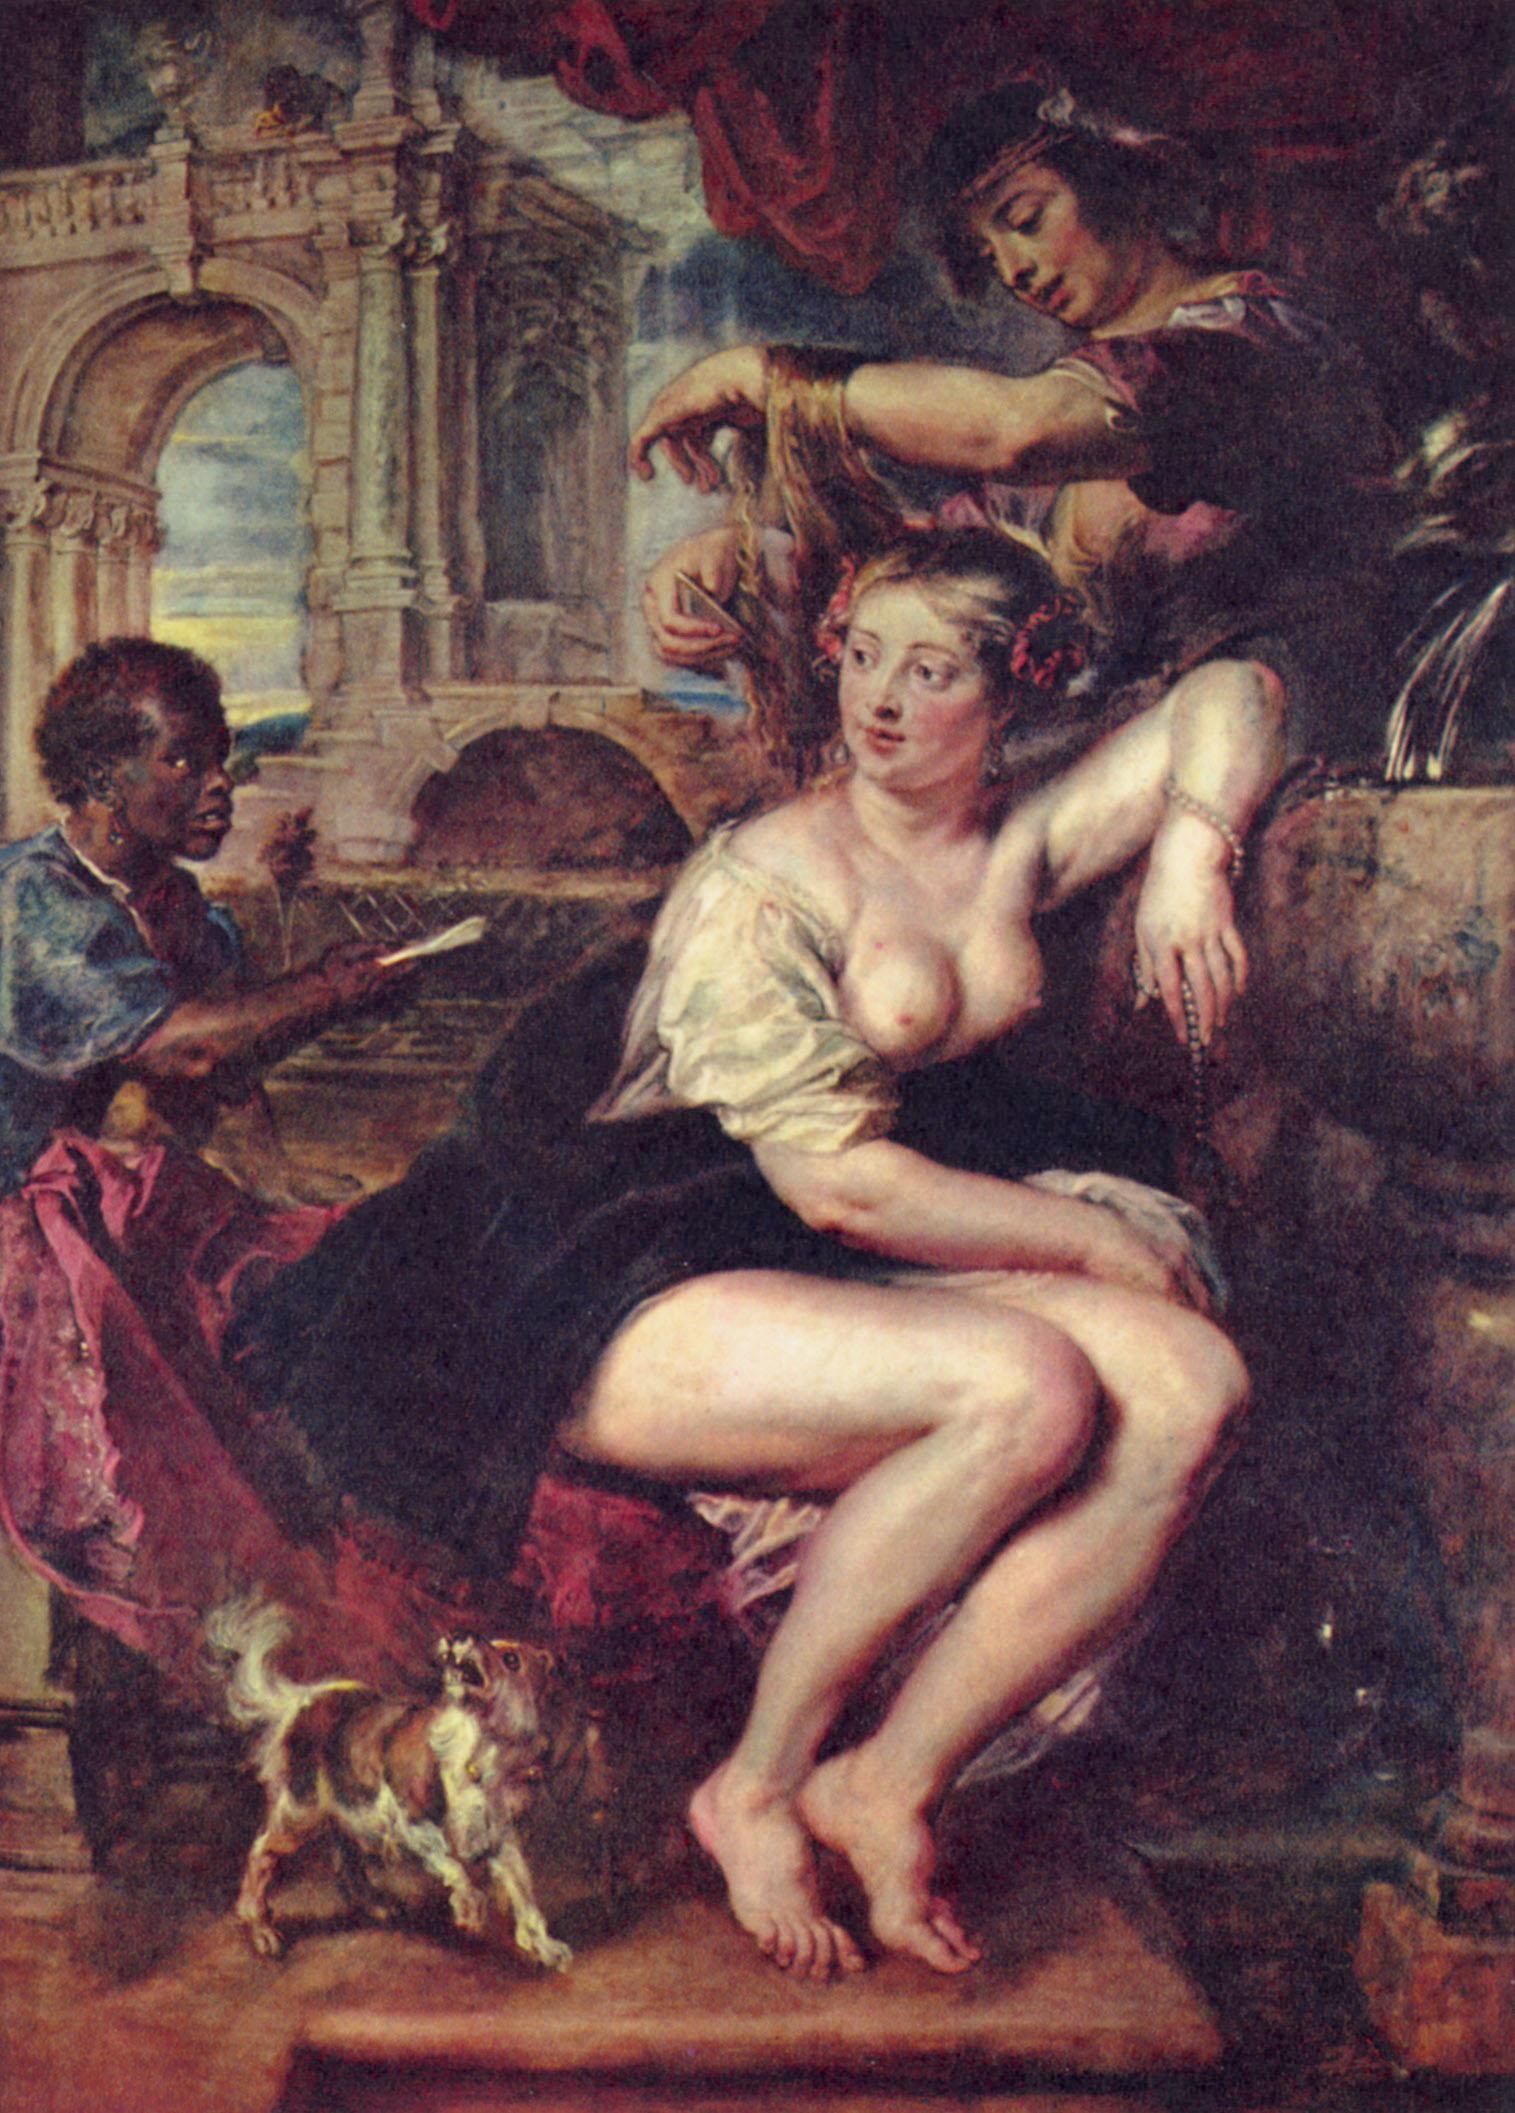 Давид, ависага и вирсавия (справа): ну прости, дорогая, забыл